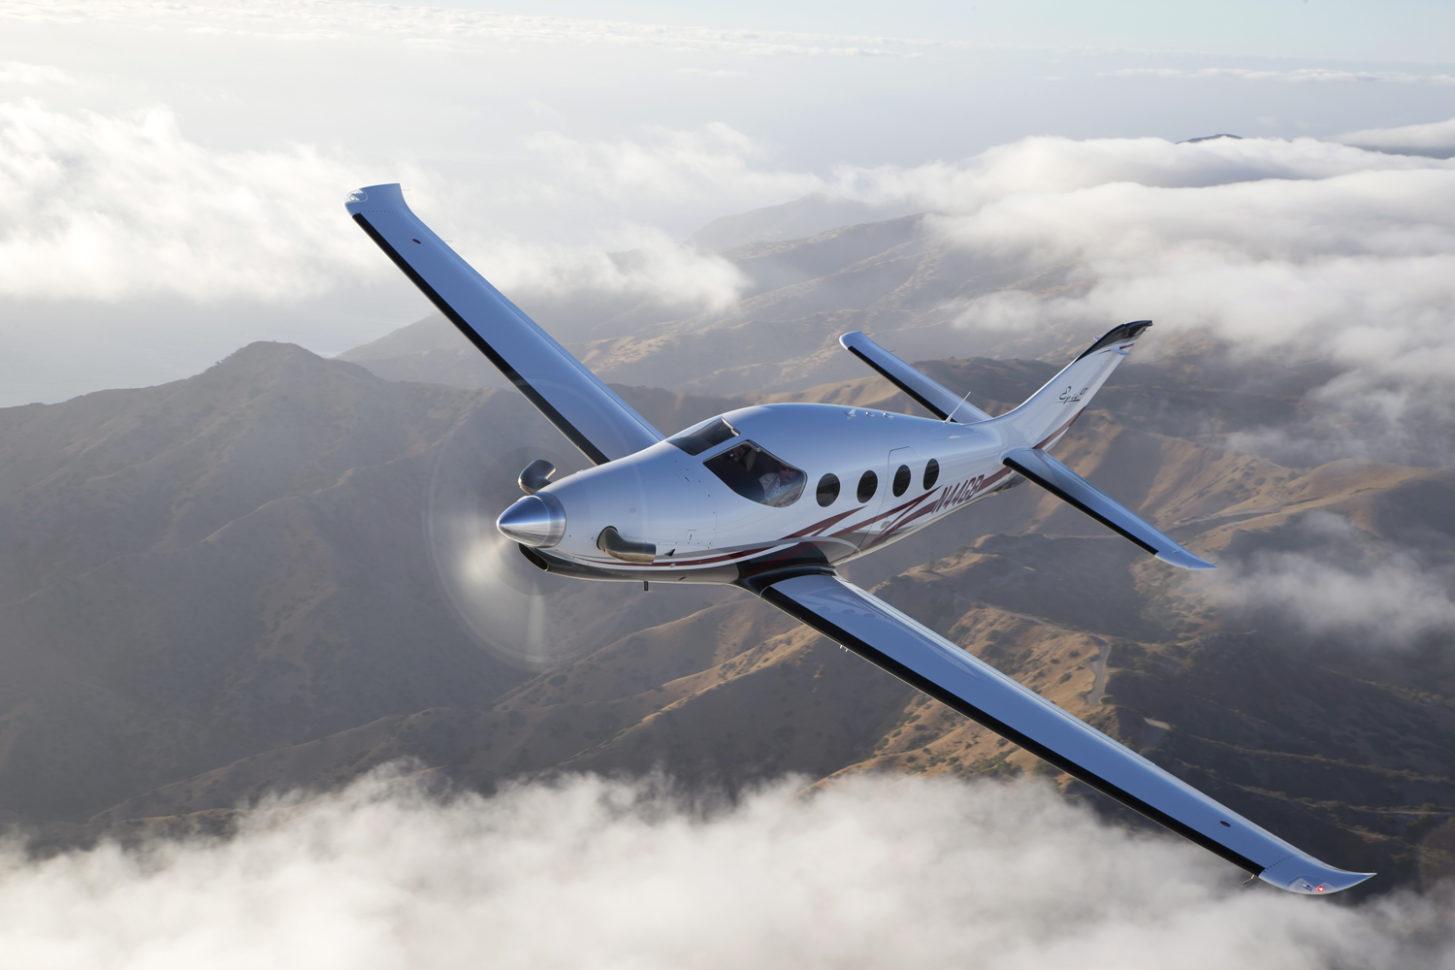 Epic Aircraft liefert erste E1000 aus